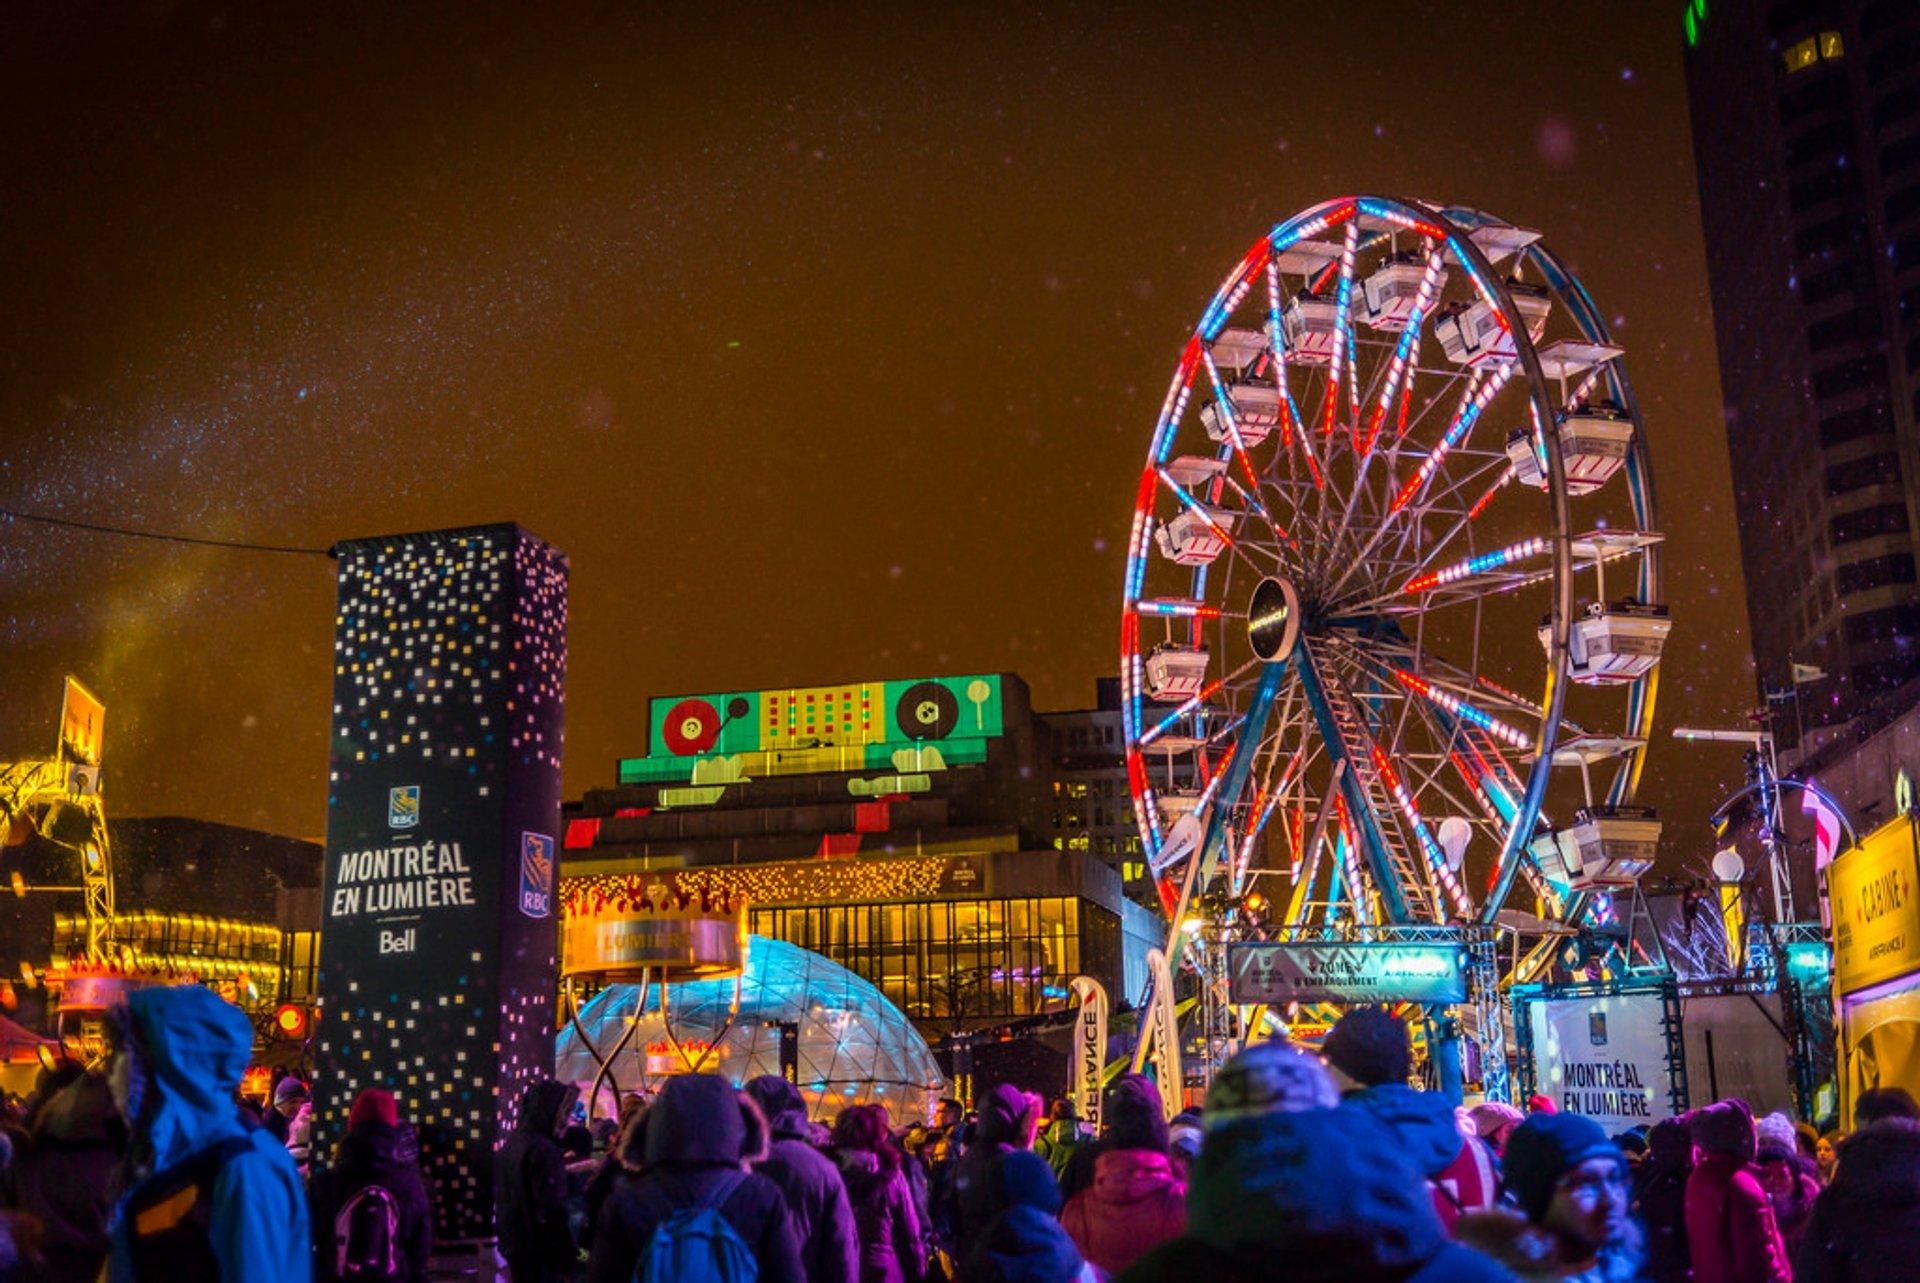 Best time for Montréal en Lumière in Montreal 2019